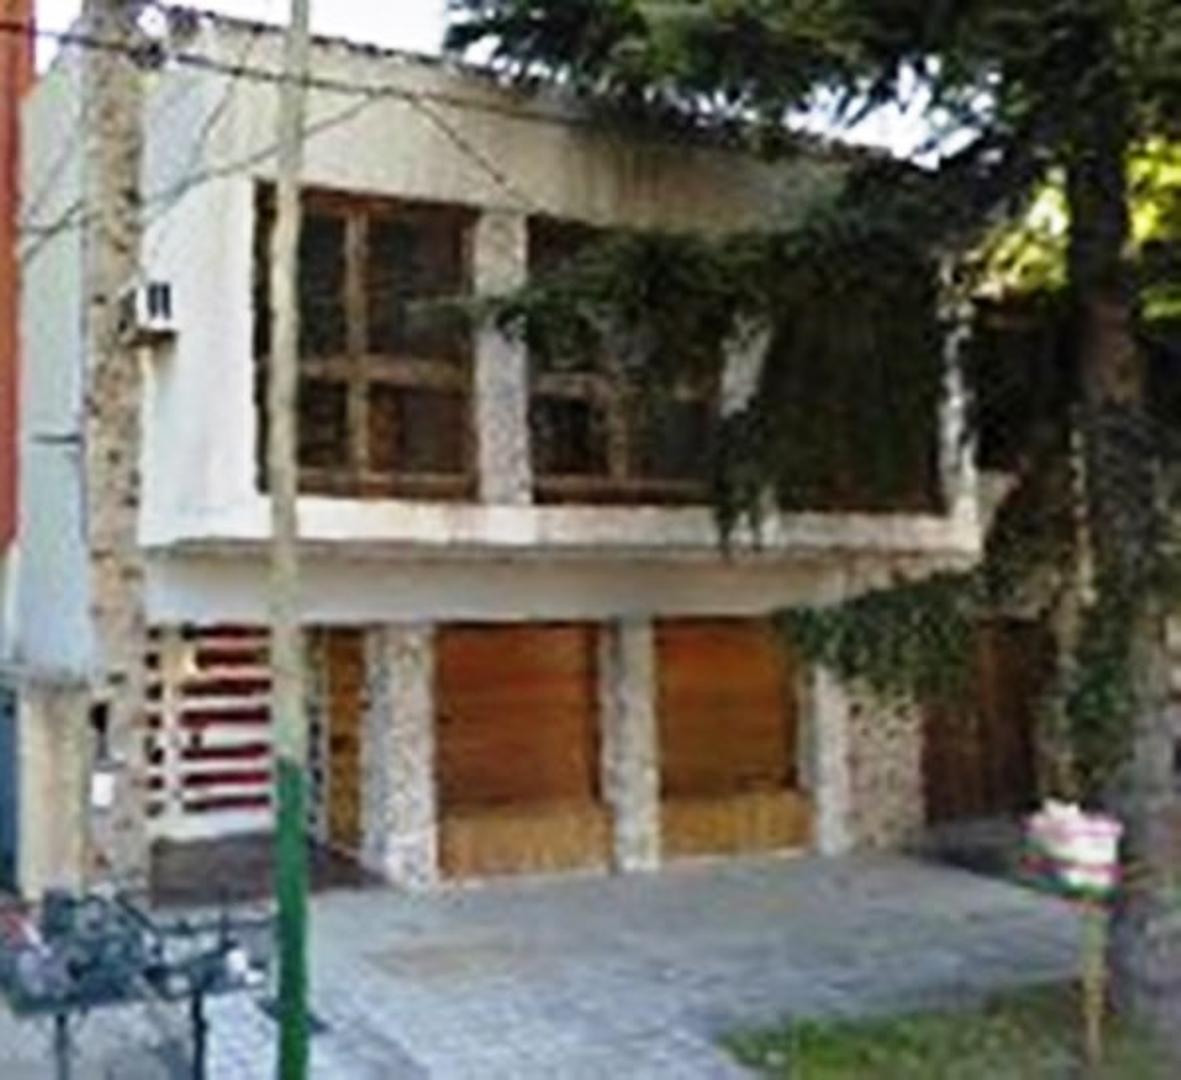 Importante casa ALSINA 86 - CON CONTRATO DE ALQUILER VIGENTE POR 24 MESES IMPORTANTE RENTA.